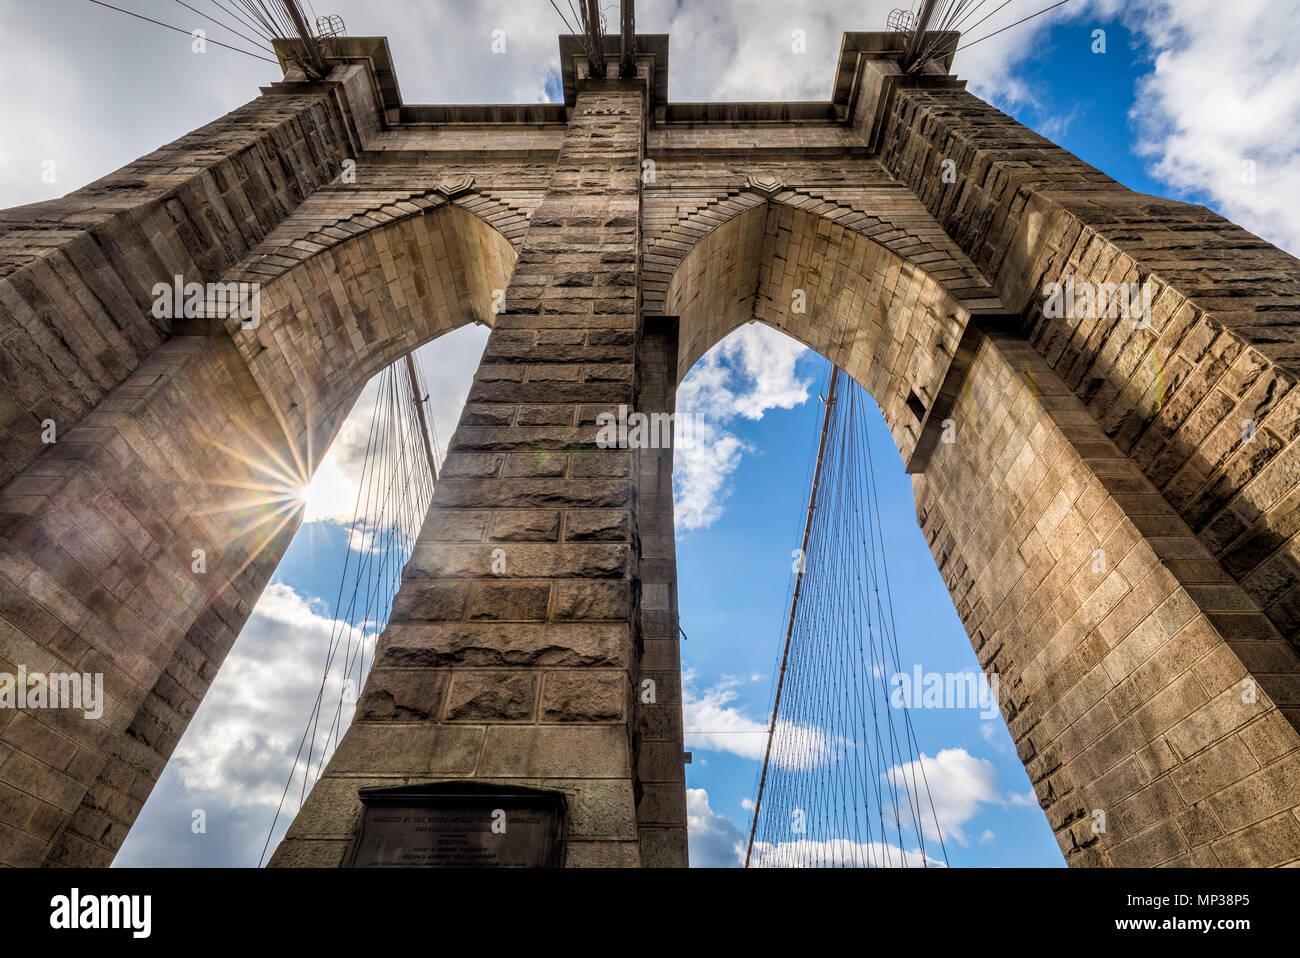 Los enormes arcos del puente de Brooklyn en Nueva York, Estados Unidos. Imagen De Stock